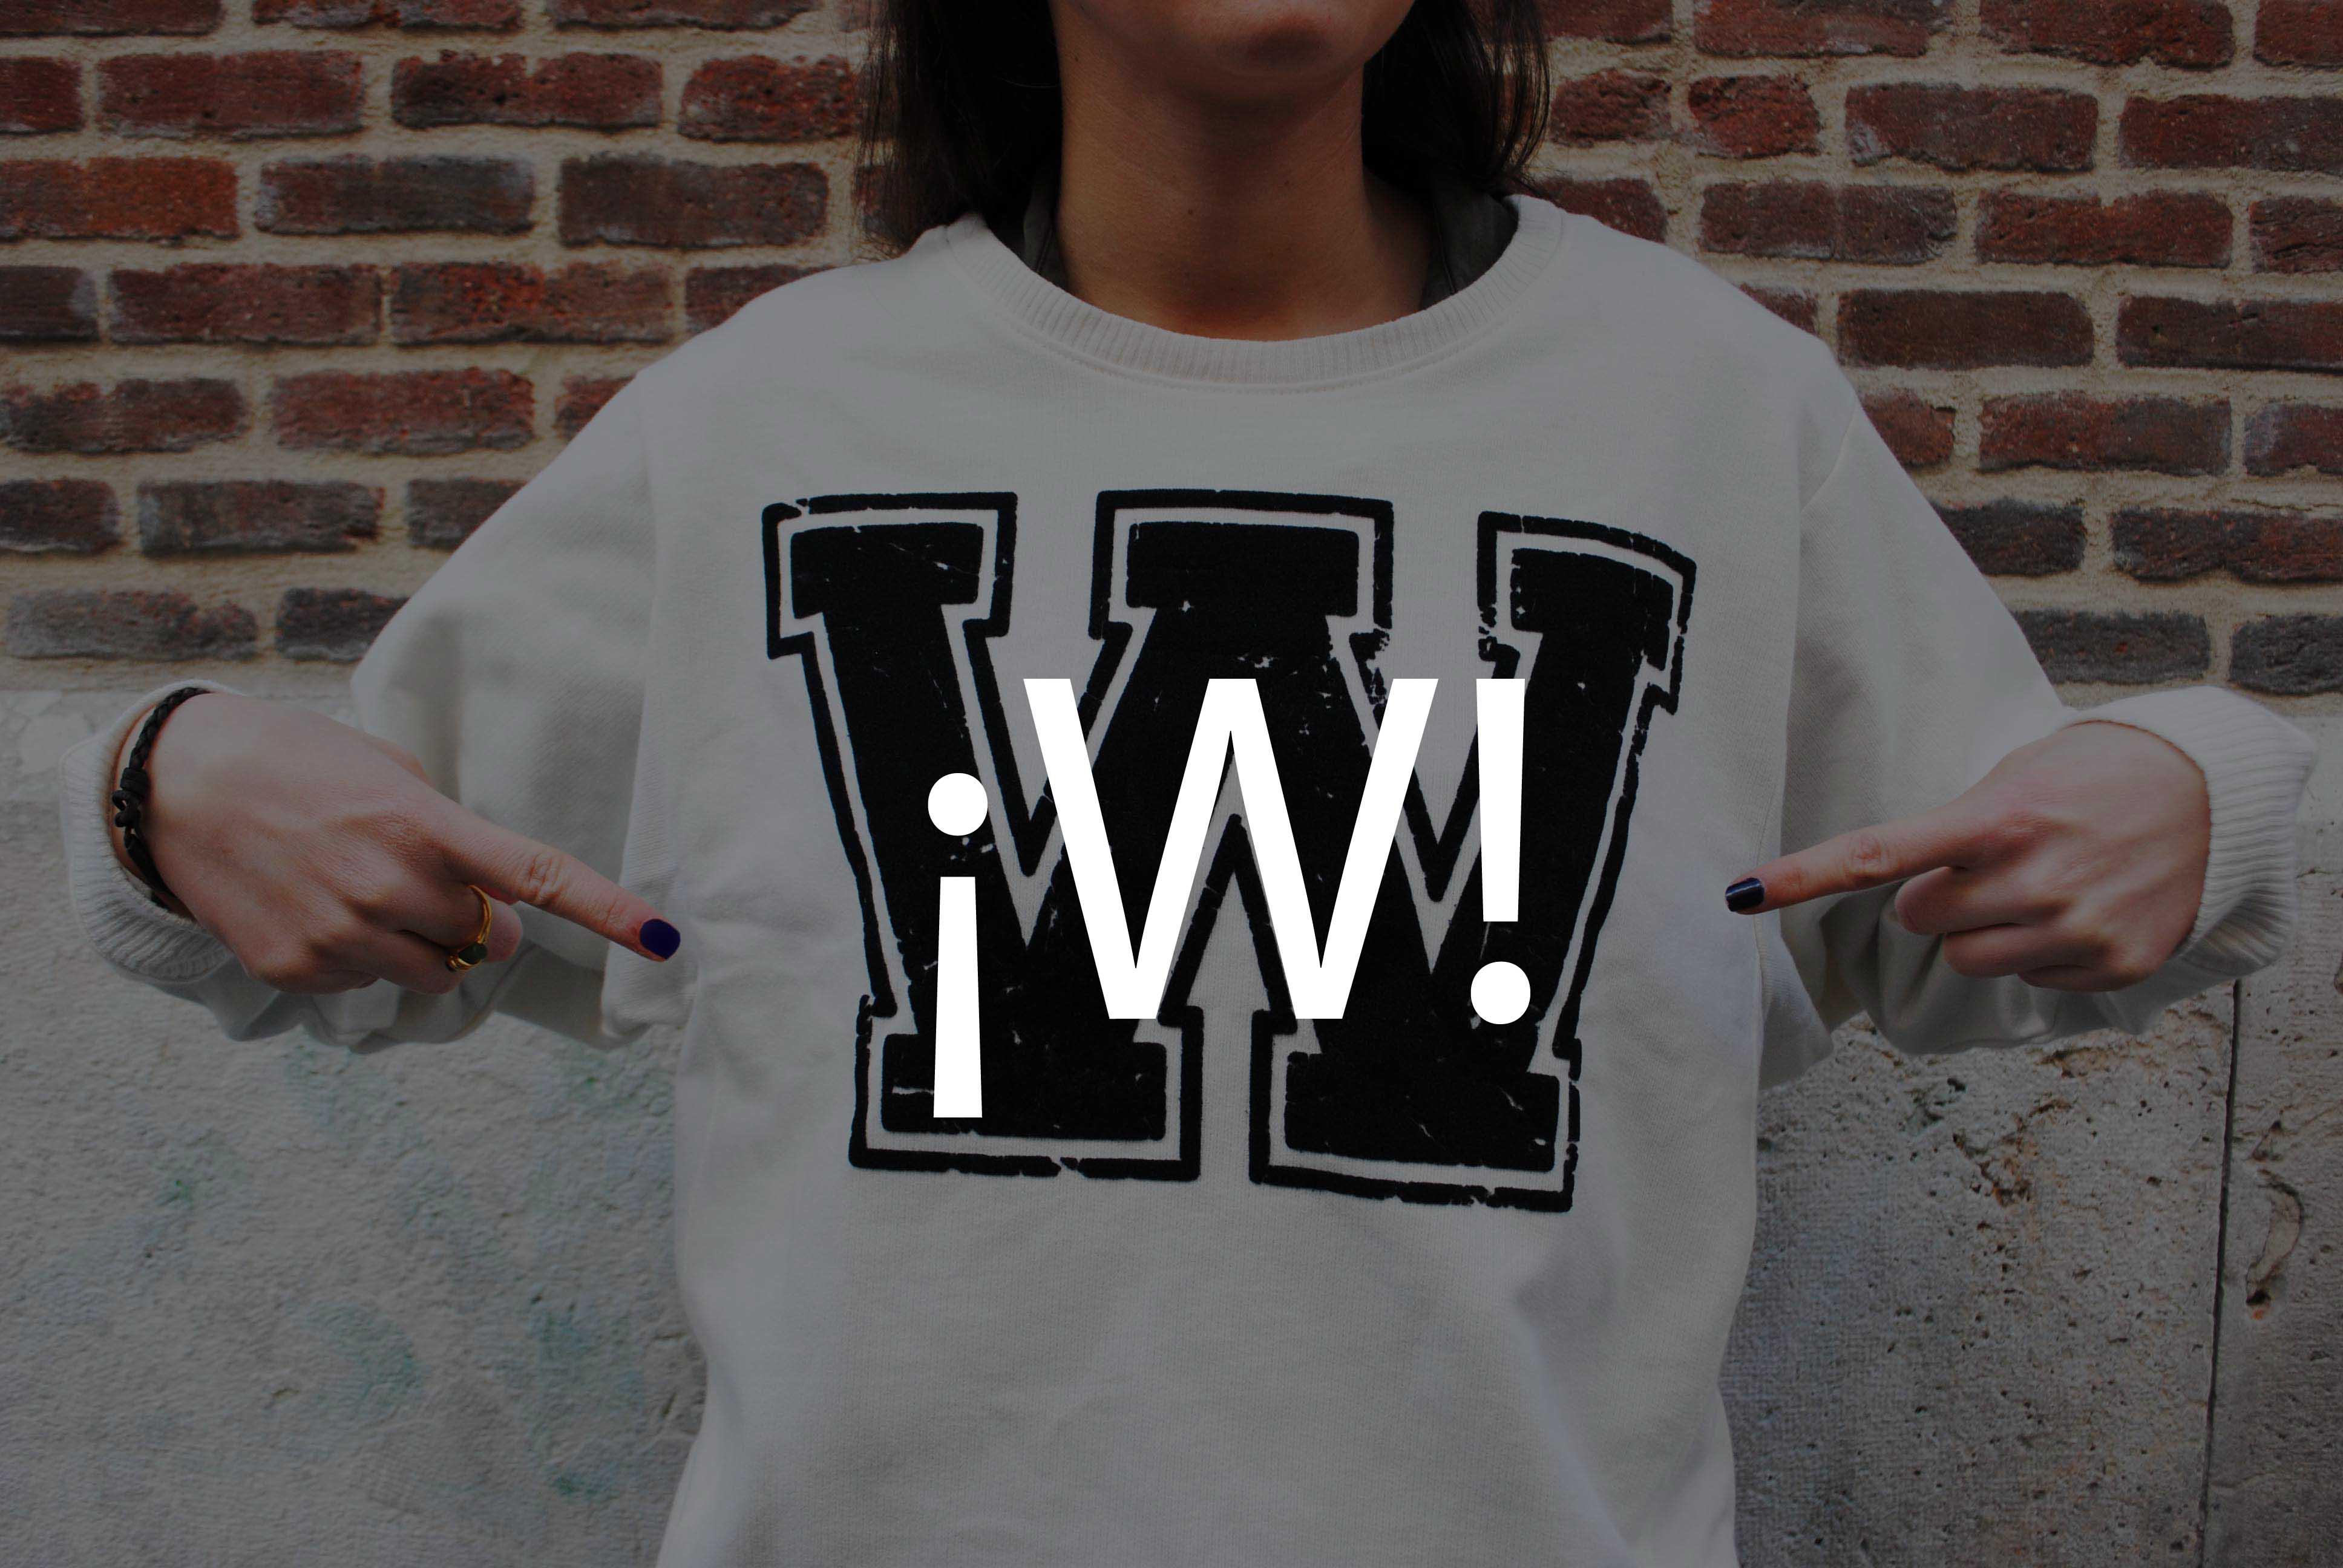 ¡W!-49951-olindastyle